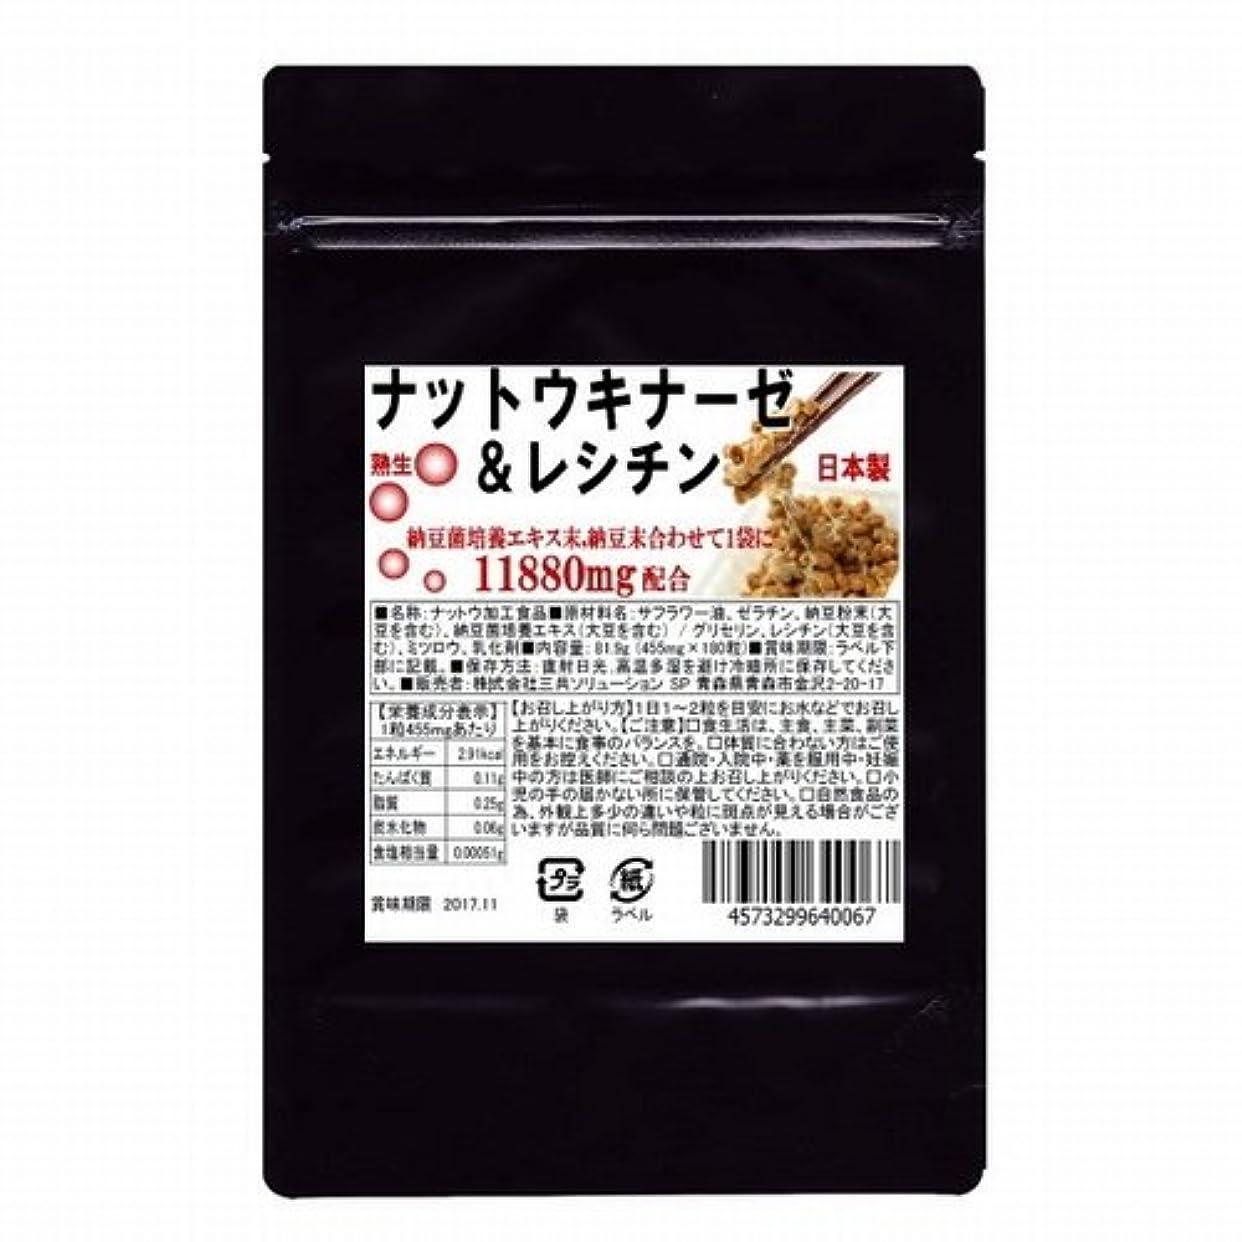 グラマー形容詞無駄だ【大容量】熟生ナットウキナーゼ&レシチン 180粒